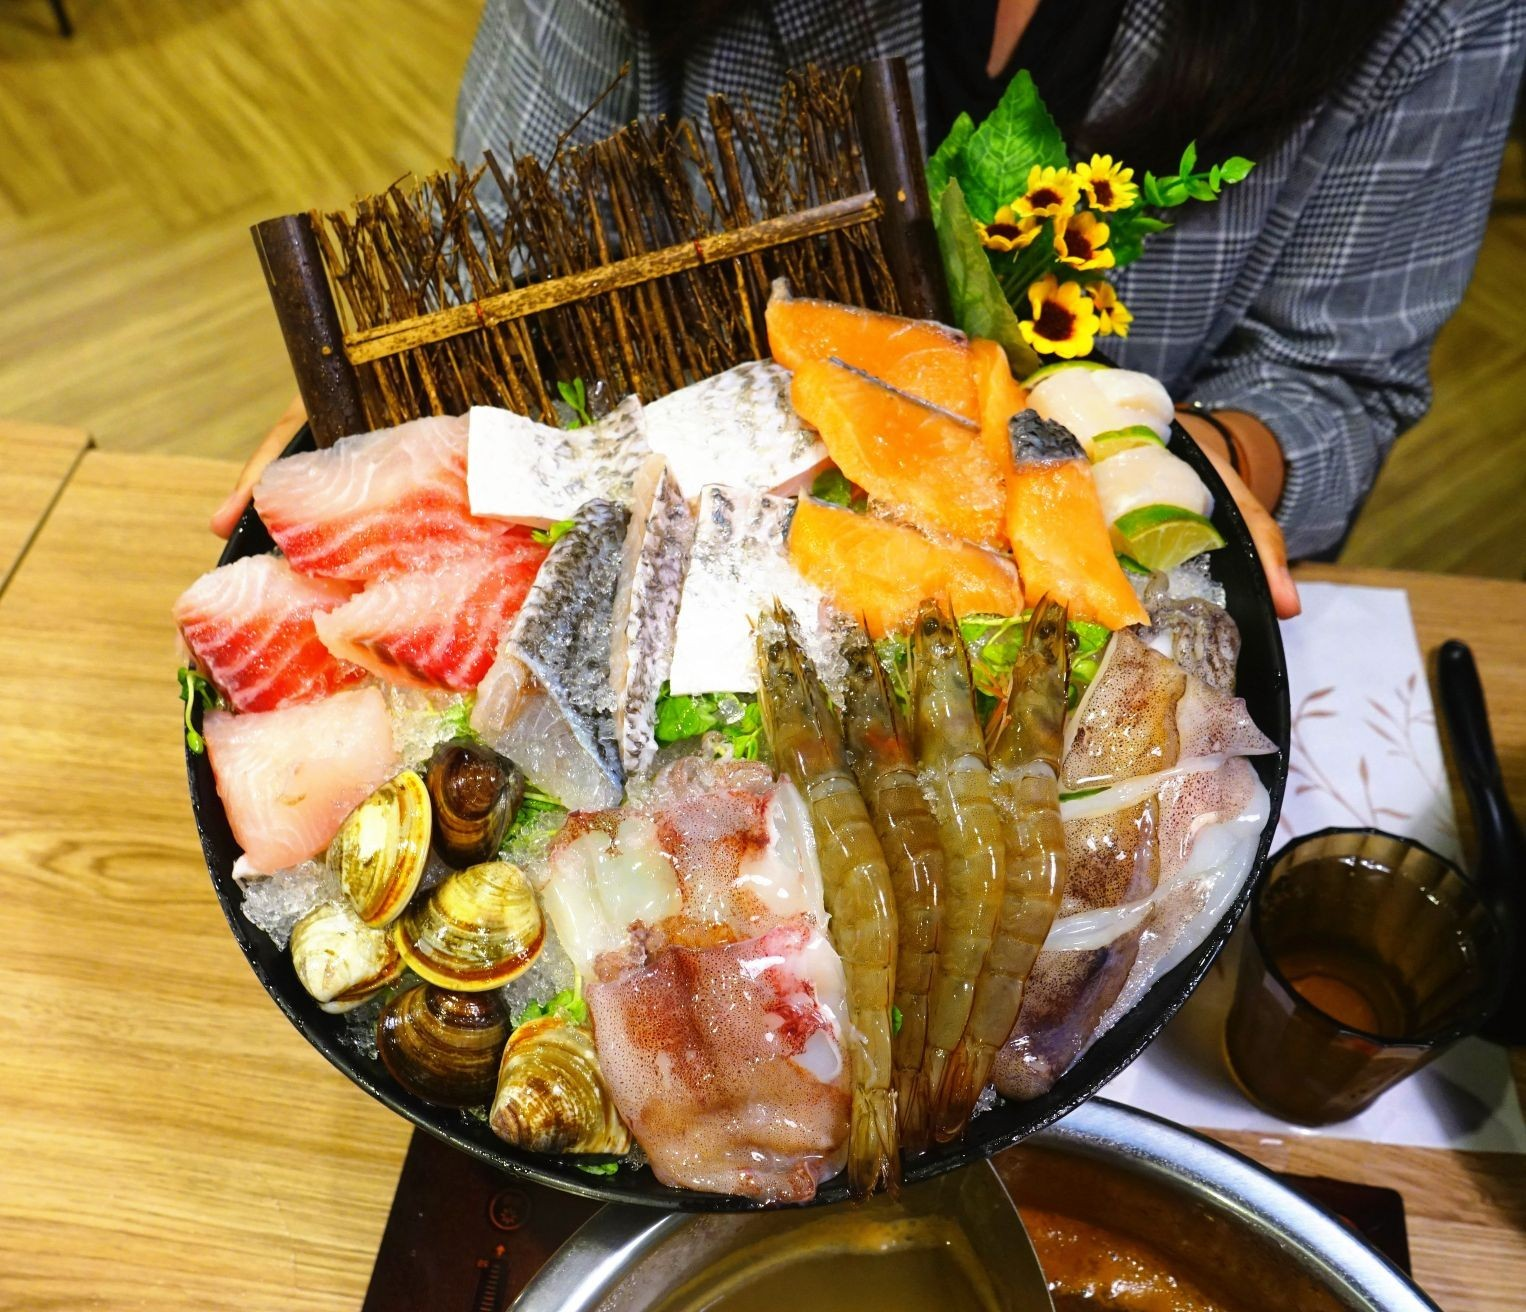 【永和火鍋】高CP氣派雙人綜合海鮮套餐 「柳村火鍋」永和店